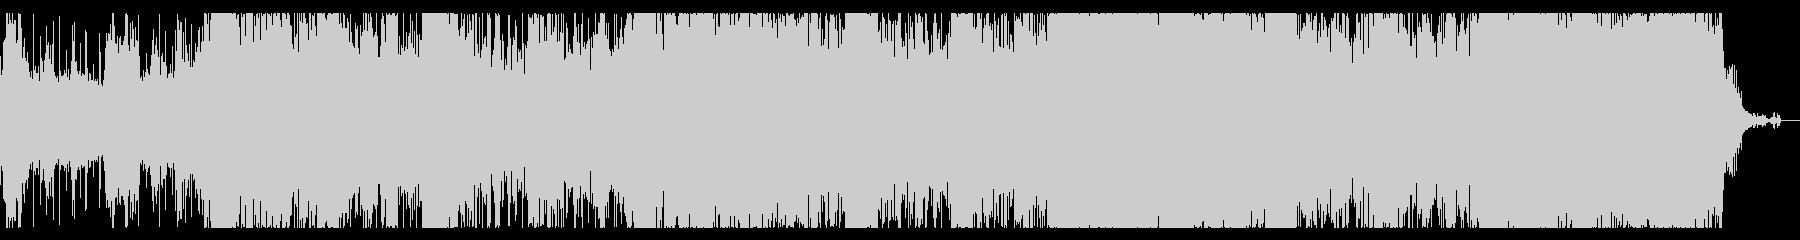 鳥鳴き声のダークテクスチャの未再生の波形